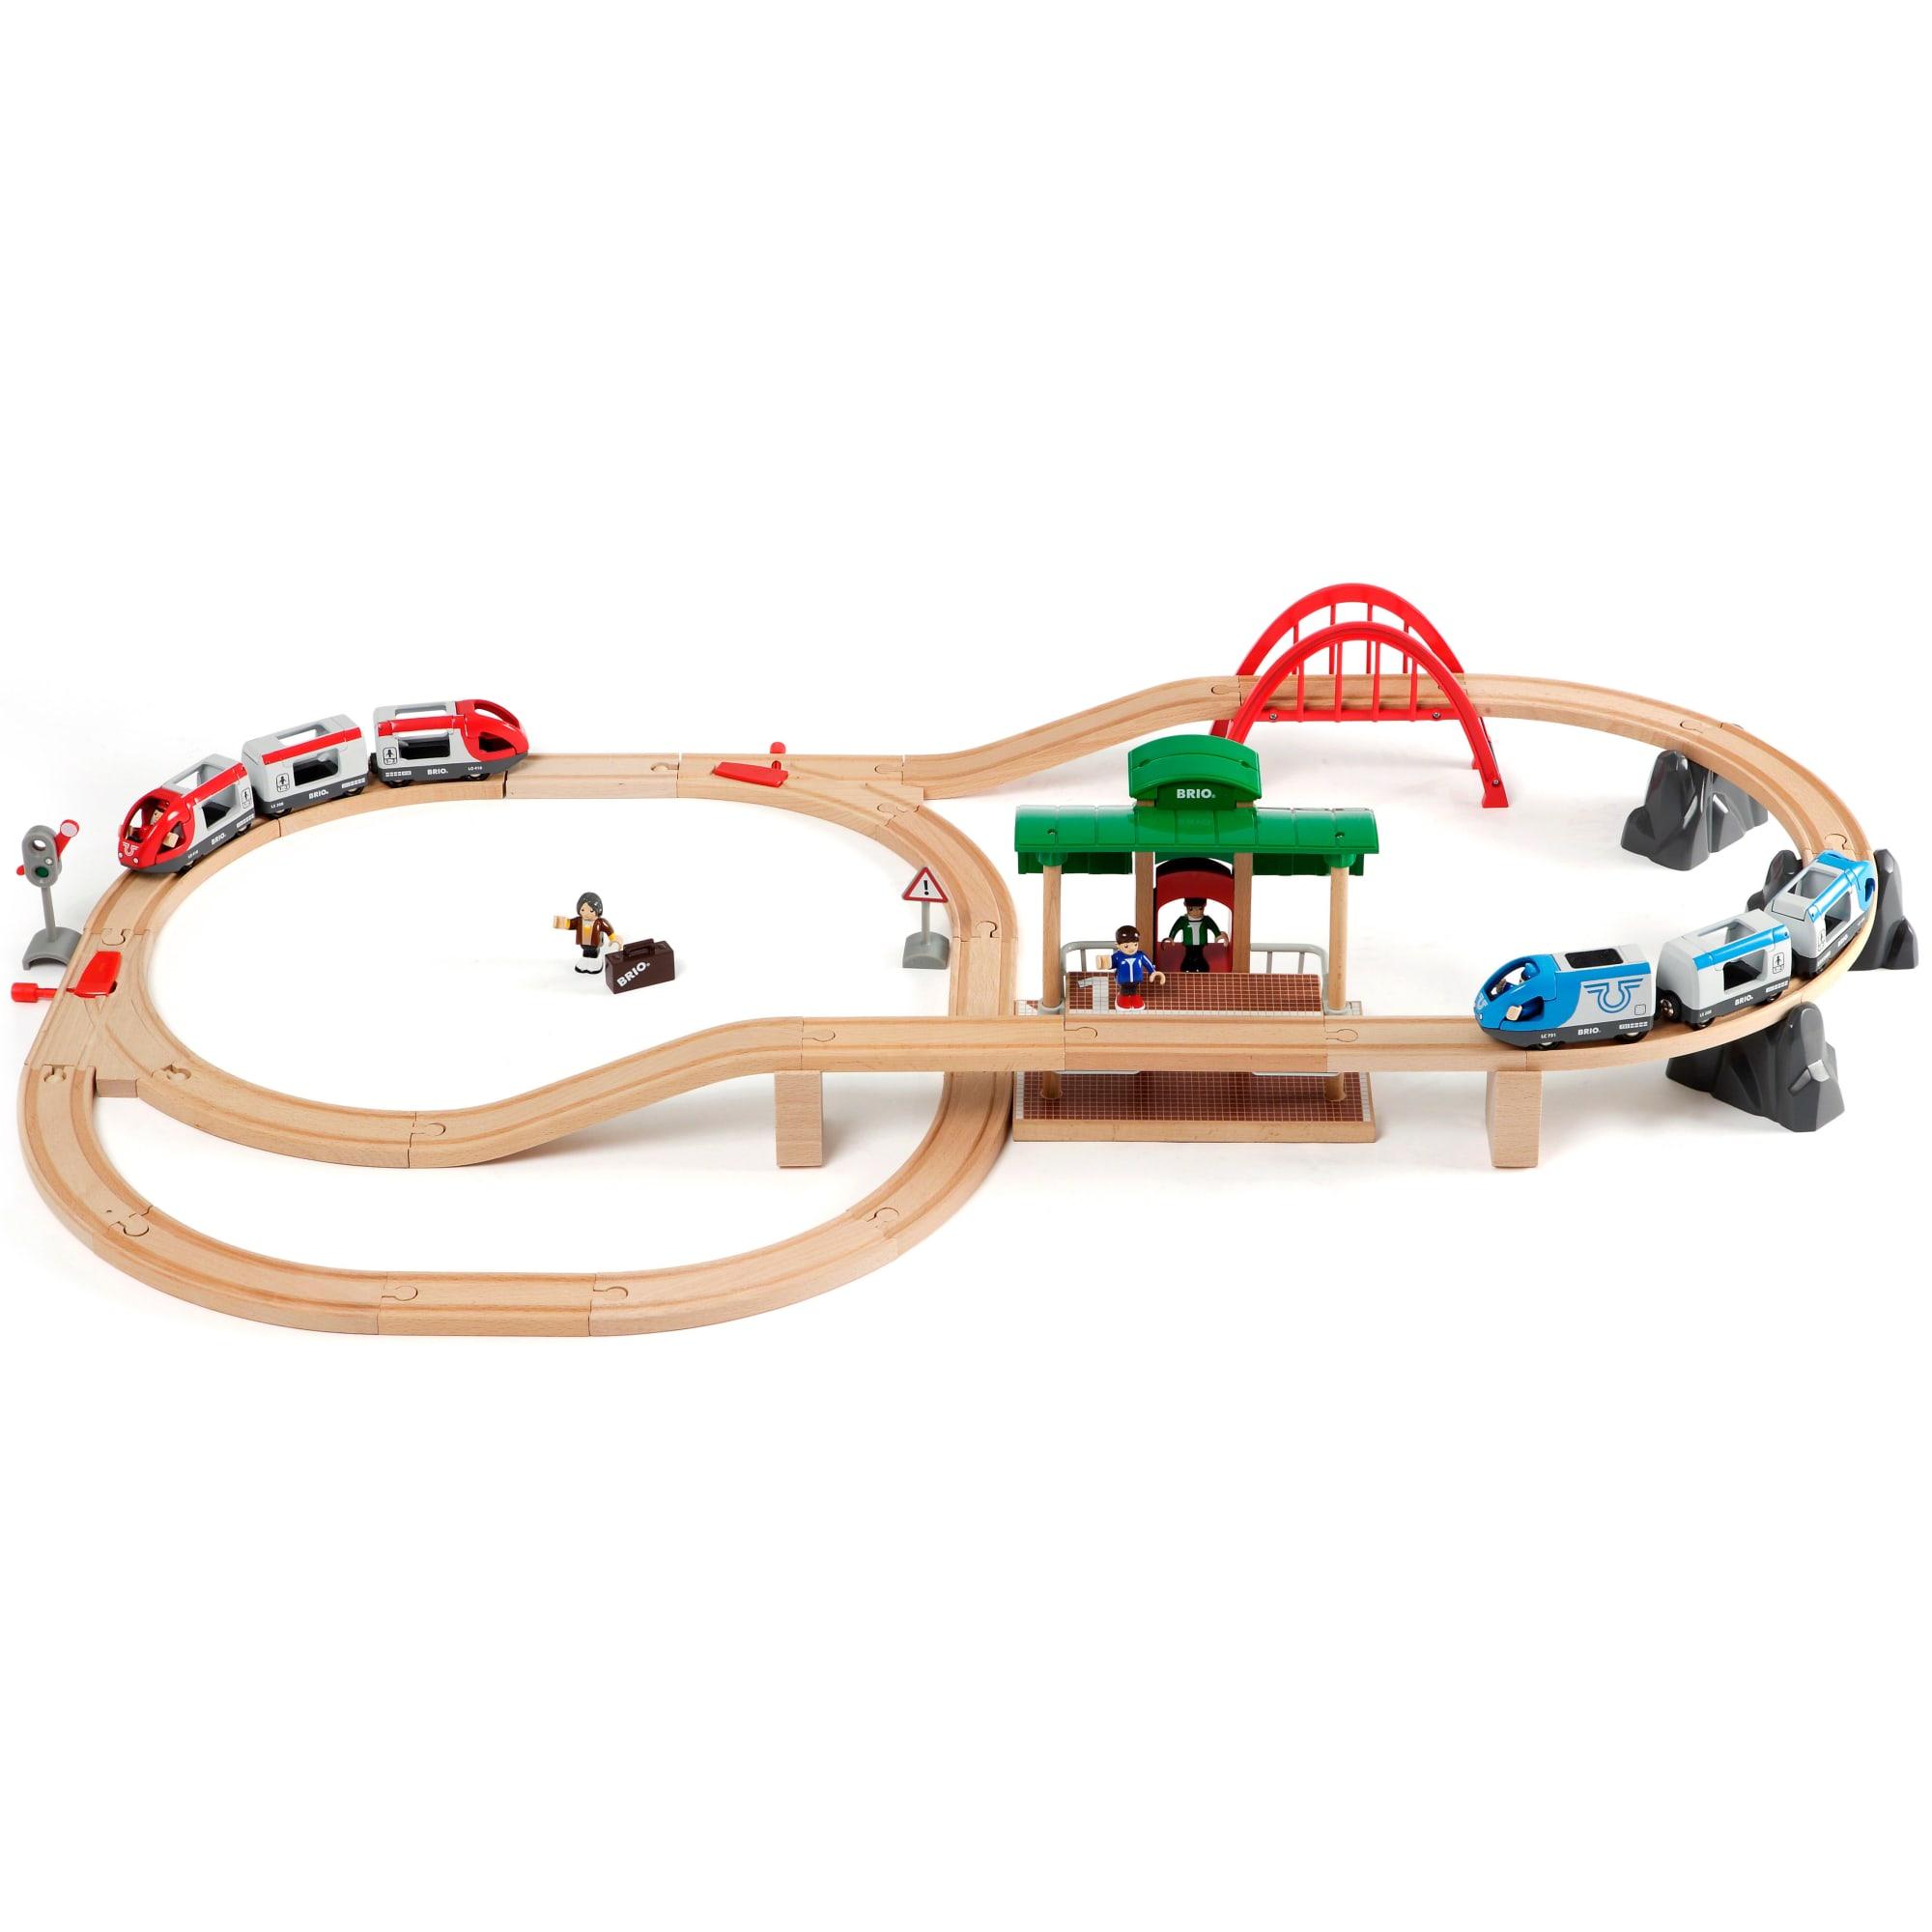 42 dele - Stor togbane med 2 batteridrevne togsæt